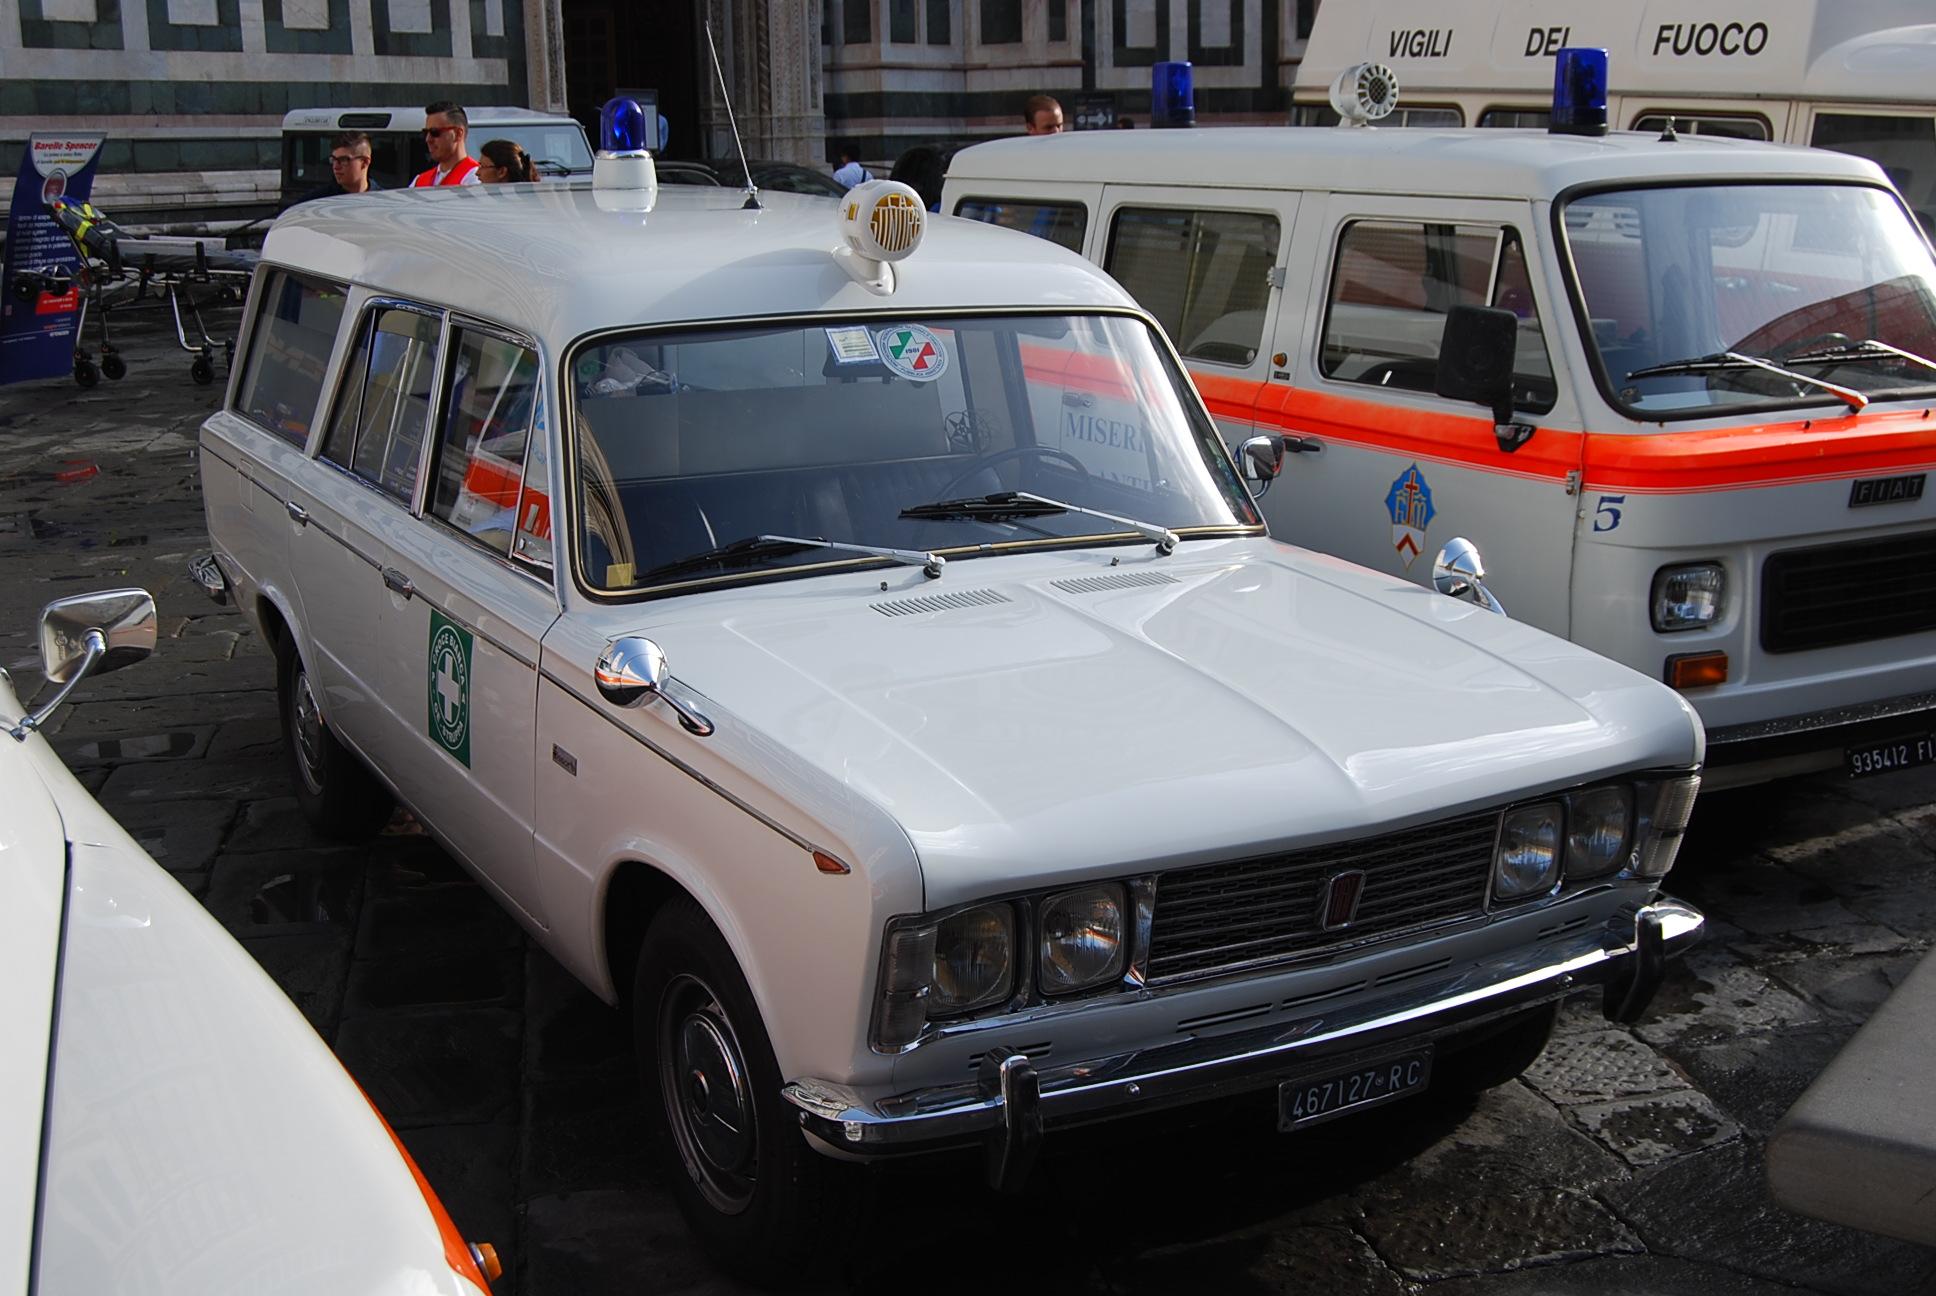 """Foto 11: Fiat 125 Fissore appartenente alla G.A.U. di Genova; la macchina ha una sirena marca """"La Sonora"""" sul tetto; elemento tipico degli anni '70 sono anche i due specchietti posti sui parafanghi: difficili da regolare, in compenso fanno tanto """"racing""""; la macchina è stata reimmatricolata il 23 Ottobre 1991 – foto Alberto Di Grazia"""